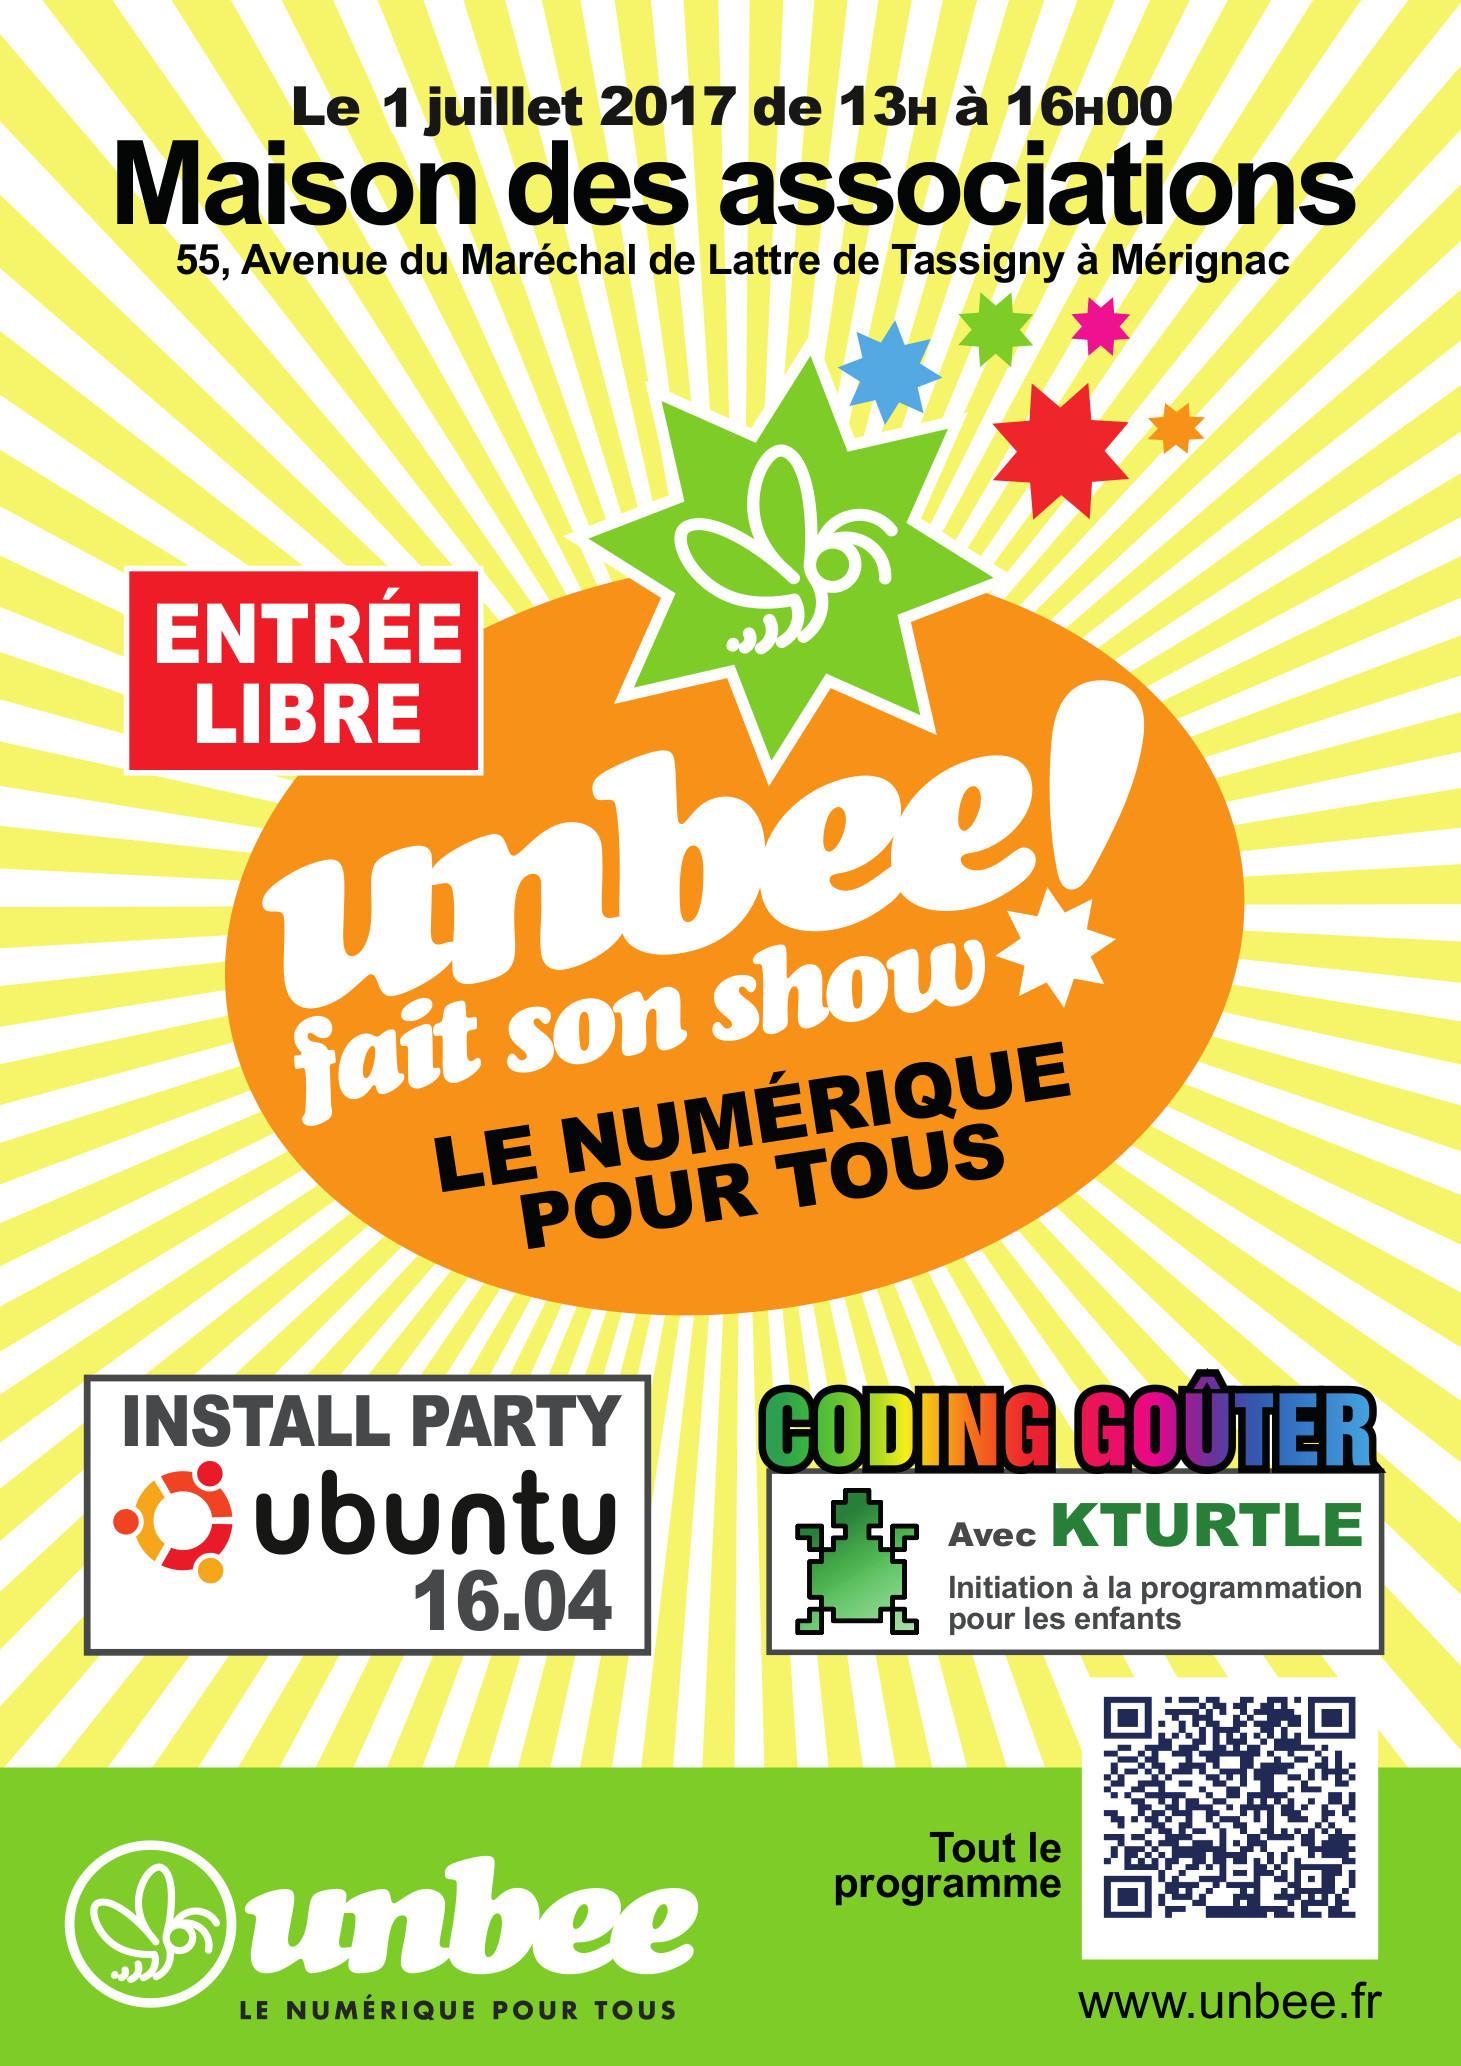 1/07 : Install party Ubuntu, Coding Gouter, partage et discussion sur le LIBRE